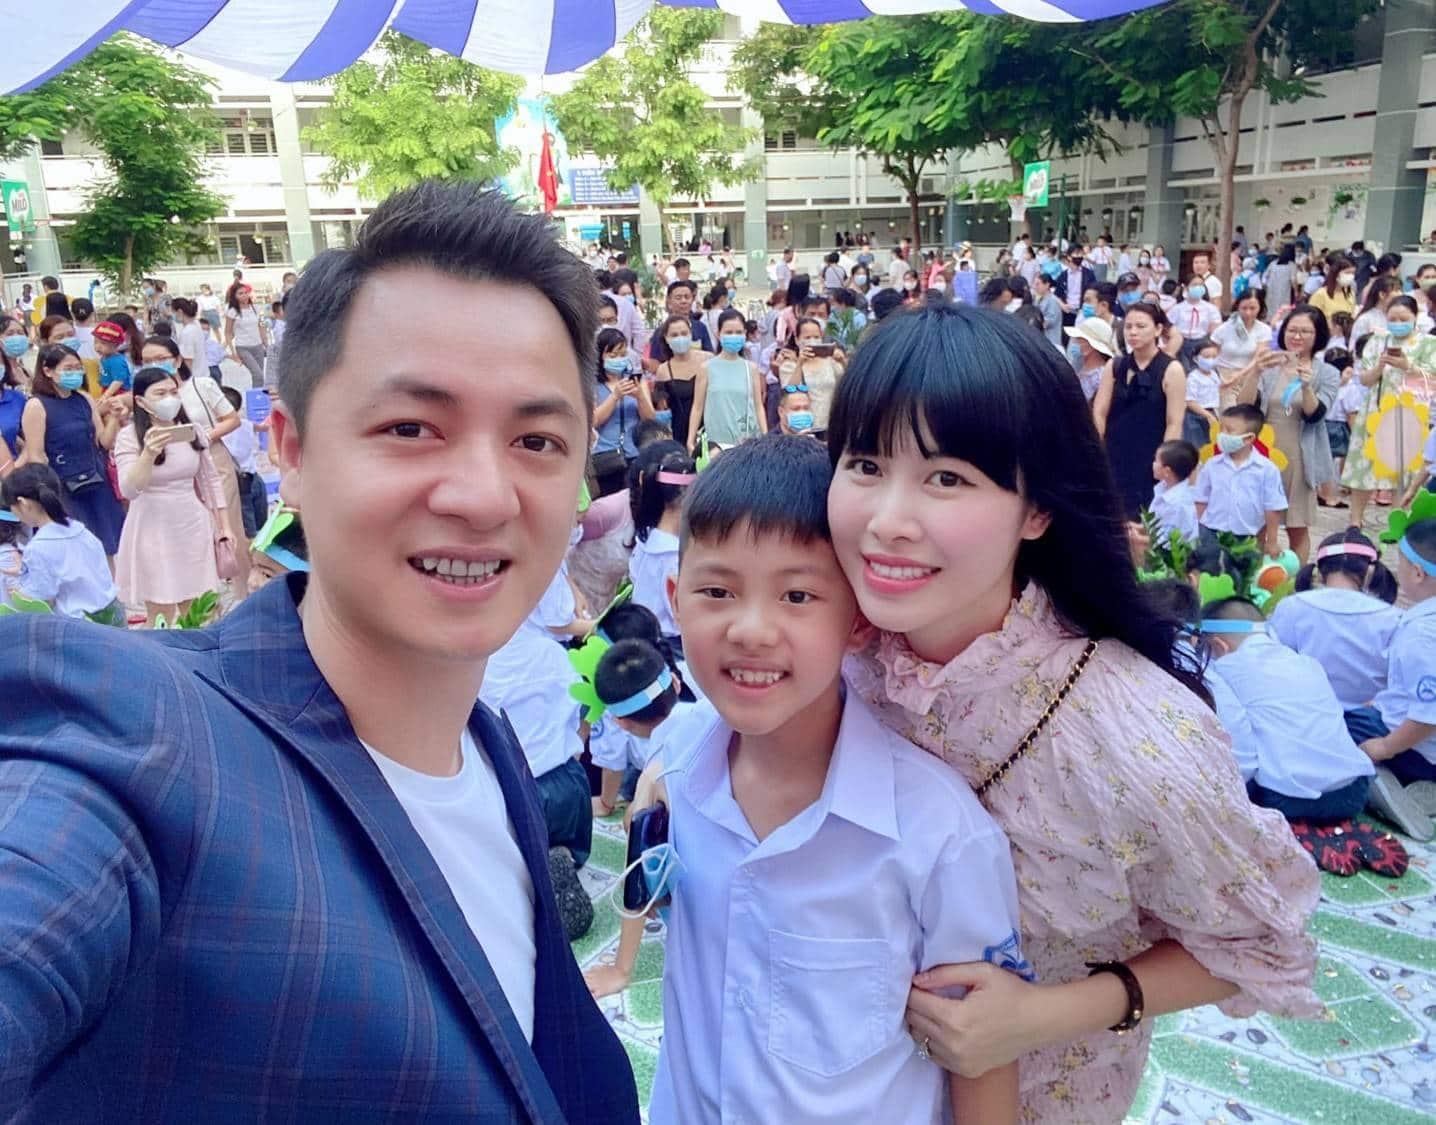 Thủy Anh - Đăng Khôi và con trai lớn- bé Đăng Khang hiện đã là học sinh tiểu học.